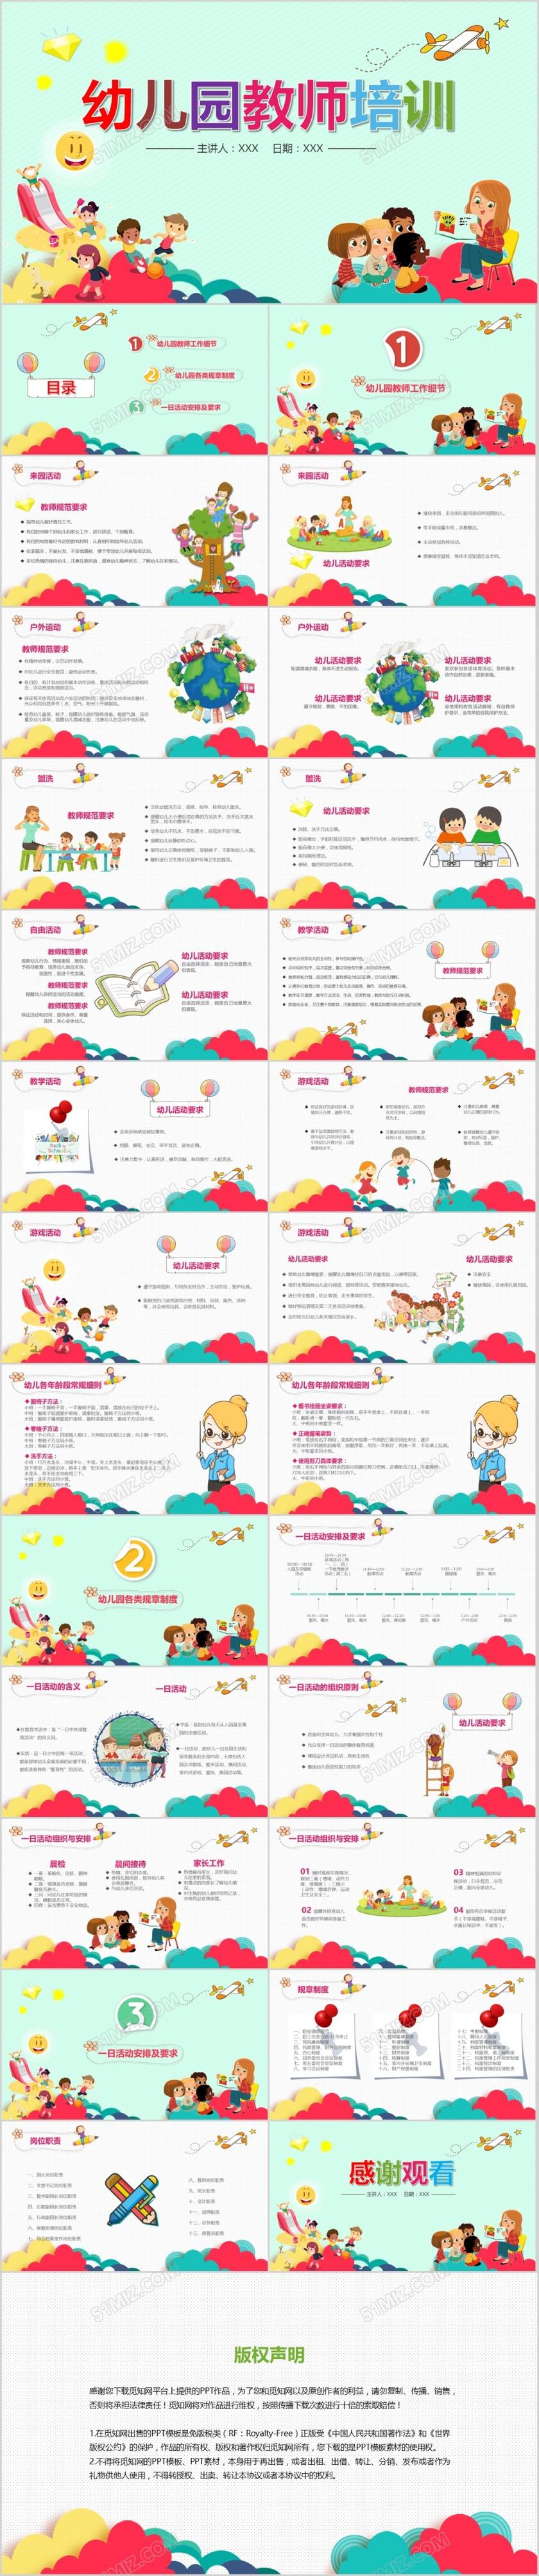 卡通小清新儿童幼儿园教师老师培训教育教学说课课件ppt模板